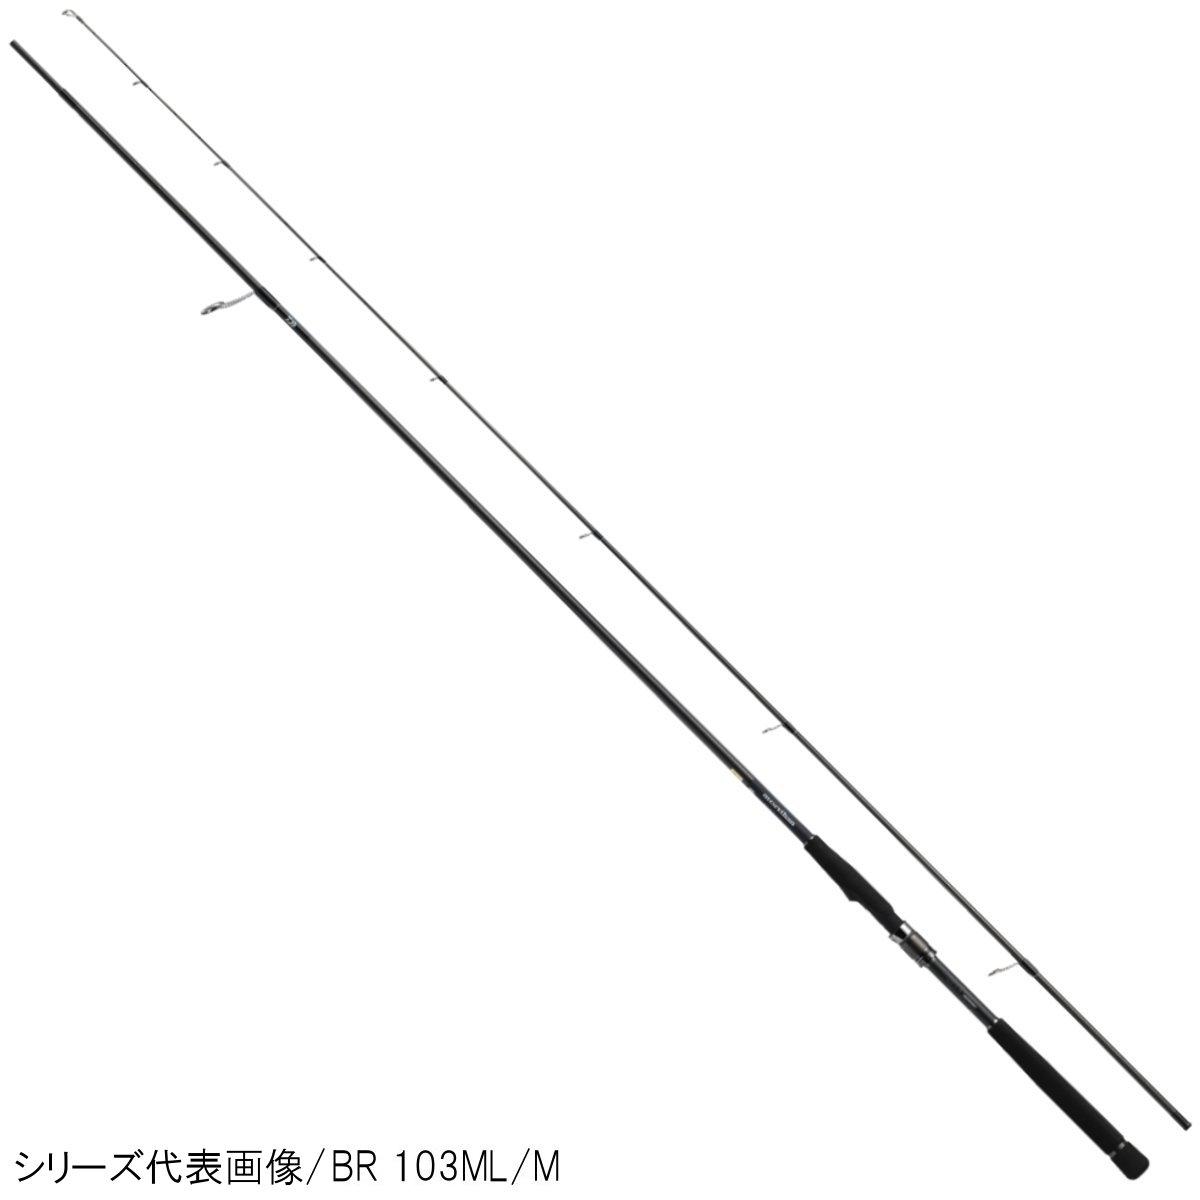 ダイワ モアザン(スピニングモデル) BR 1010M/MH【大型商品】(東日本店)